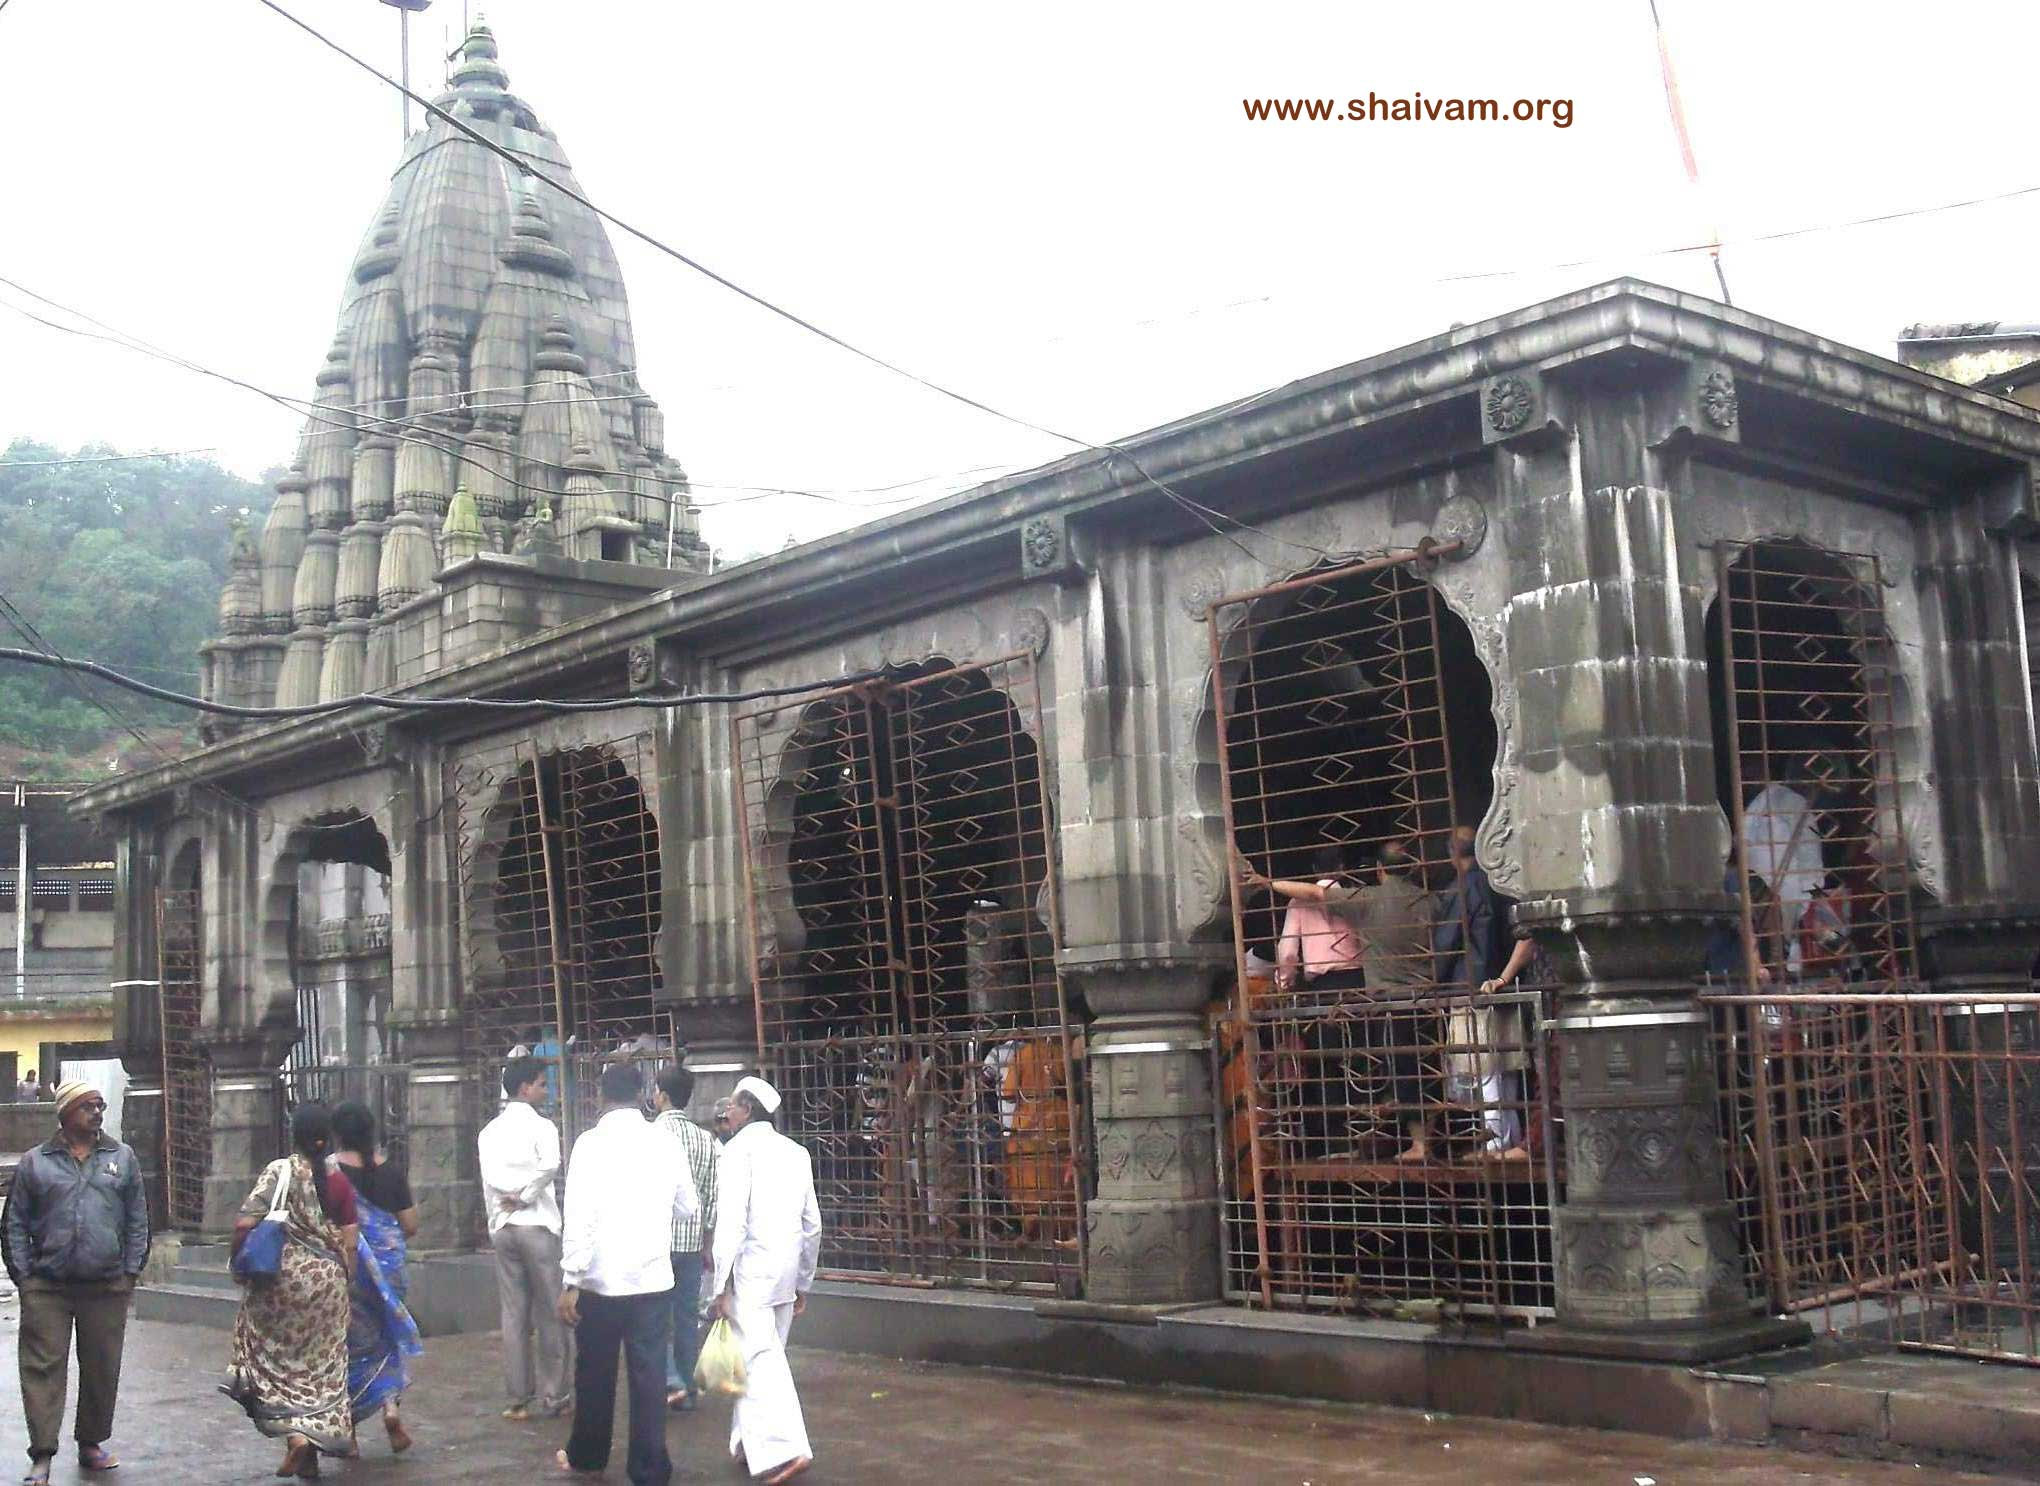 Sri Ganesh Mandir-Sri Bhimashankar Jyotirlinga Shiva Temple